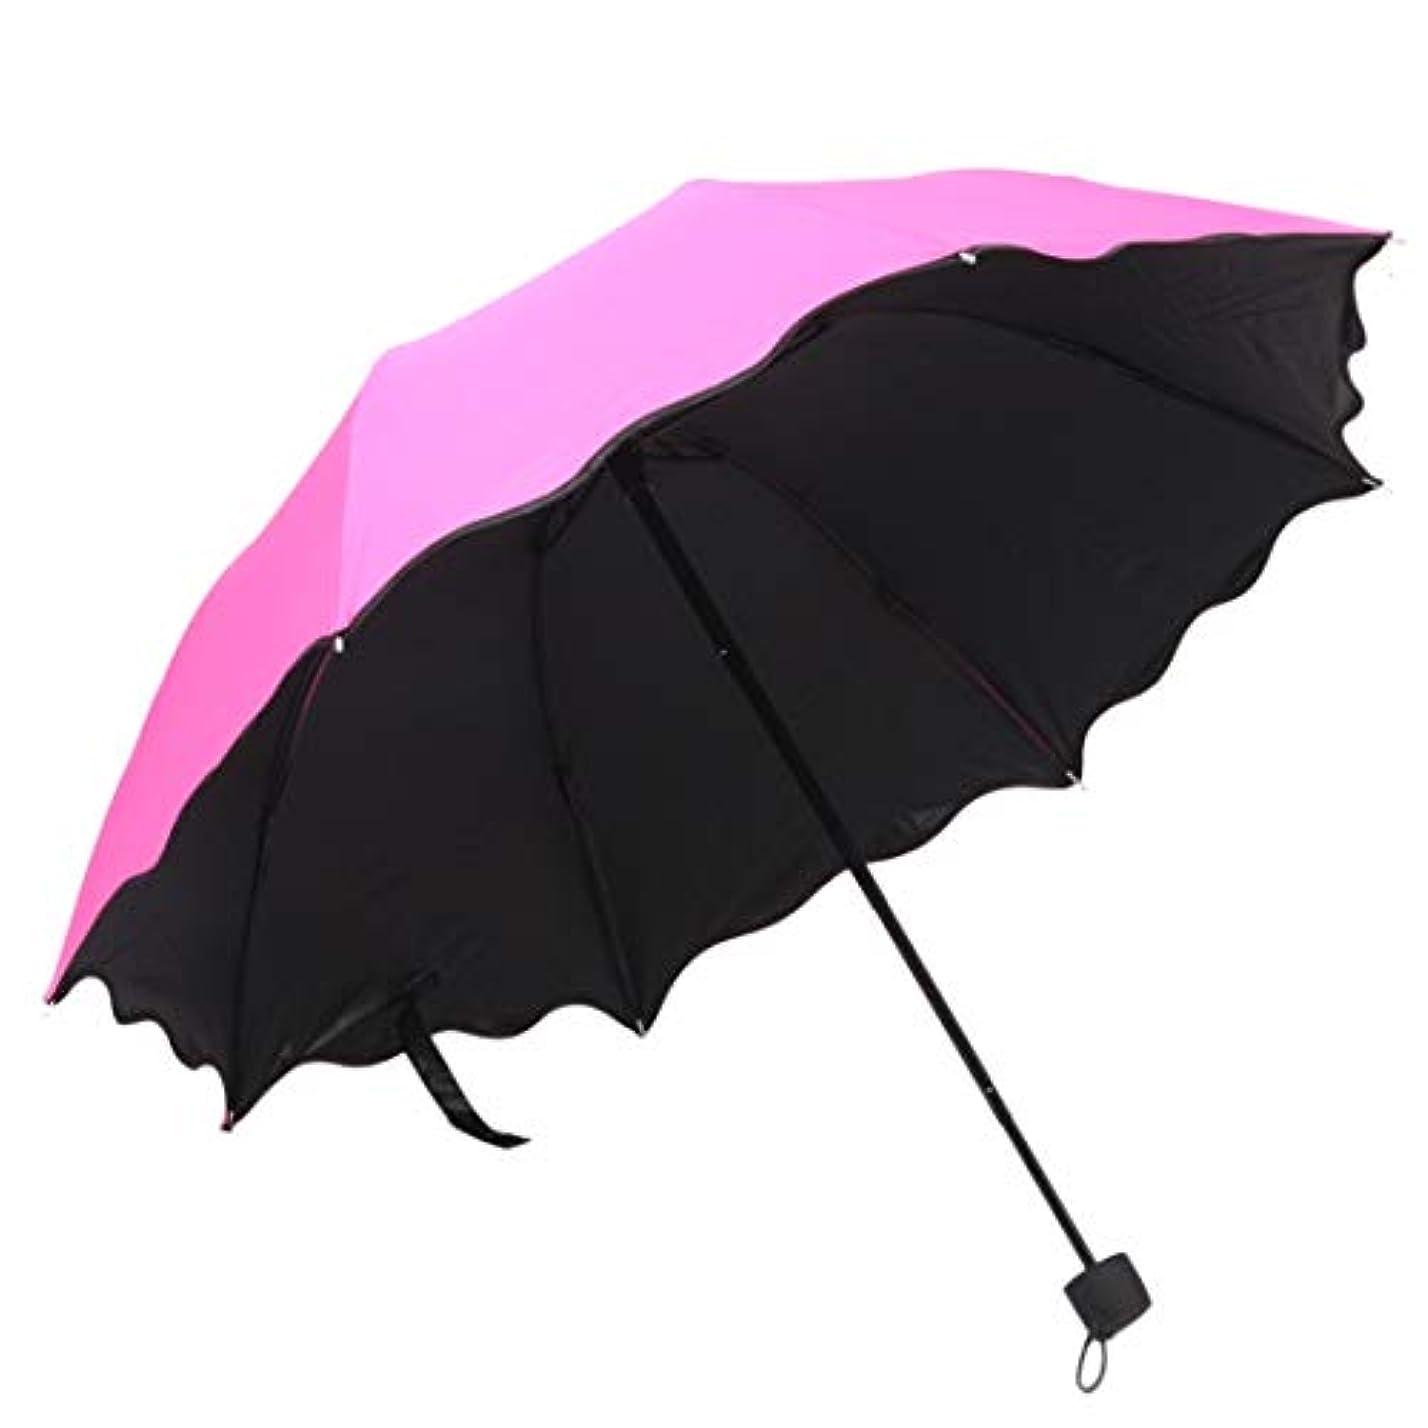 の中でホームレスホラーSummerys 旅行の傘防風、黒い接着剤の抗UVコーティング、女性男性用コンパクト折りたたみ傘(複数の色が利用可能) (Color : 1)